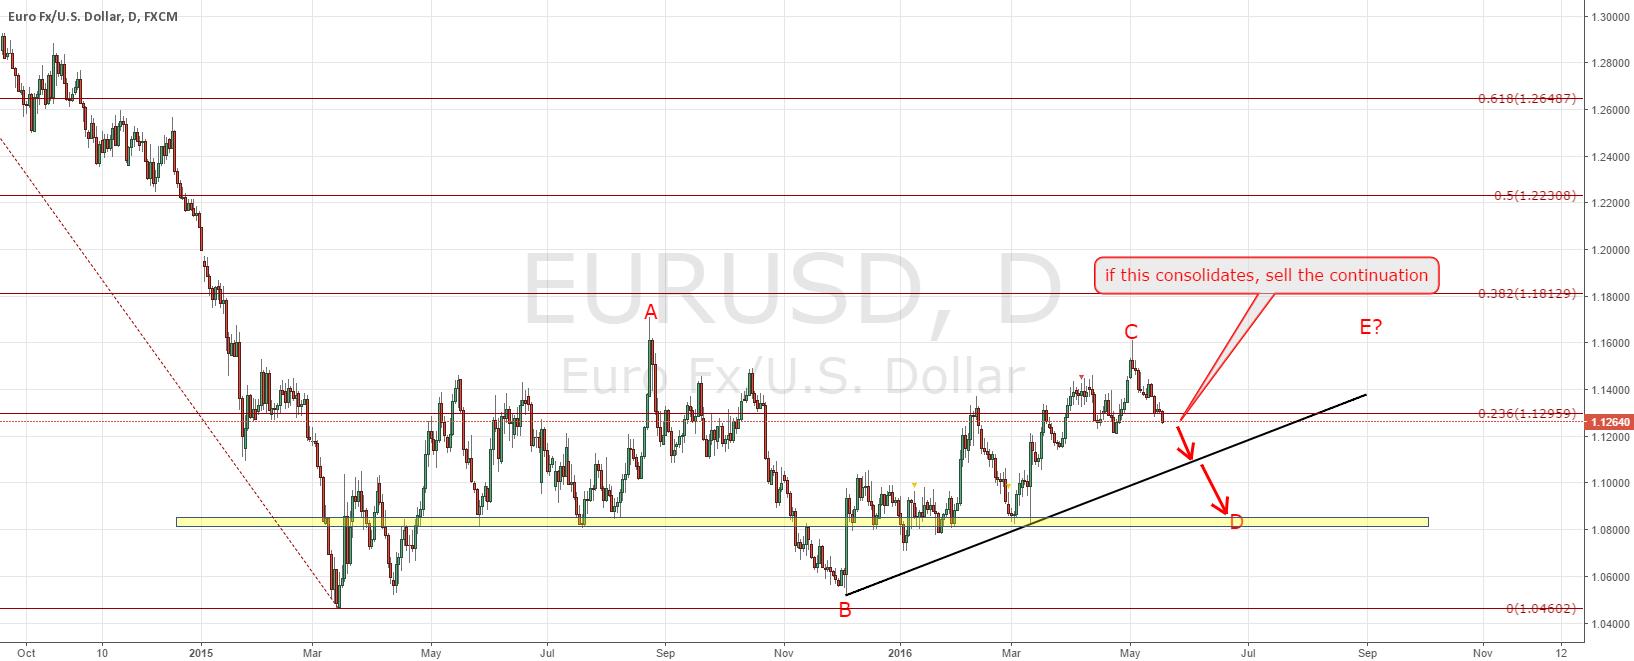 EURUSD short